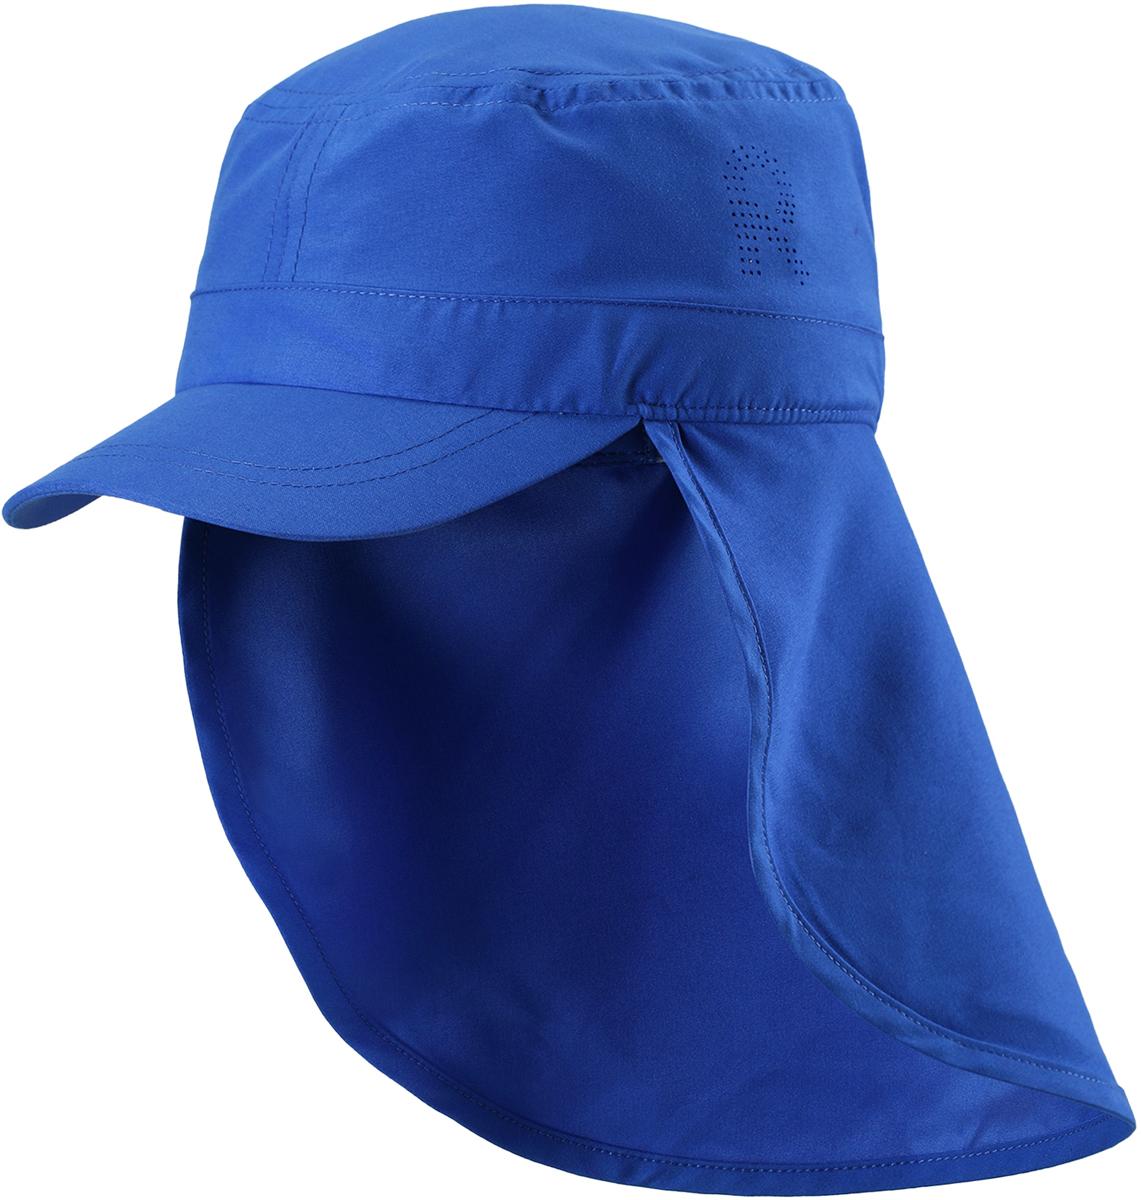 Панама детская Reima, цвет: синий. 5285336640. Размер 485285336640Детская панама от Reima с фактором УФ-защиты 50+. Широкий козырек защищает лицо и глаза, а длинный отворот закрывает шею от вредного ультрафиолета. Панама сшита из дышащего, водо- и грязеотталкивающего материала - 100% полиэстера.В этой удобной панаме ваш ребенок будет радоваться солнышку каждый день.Размер панамы соответствует обхвату головы.